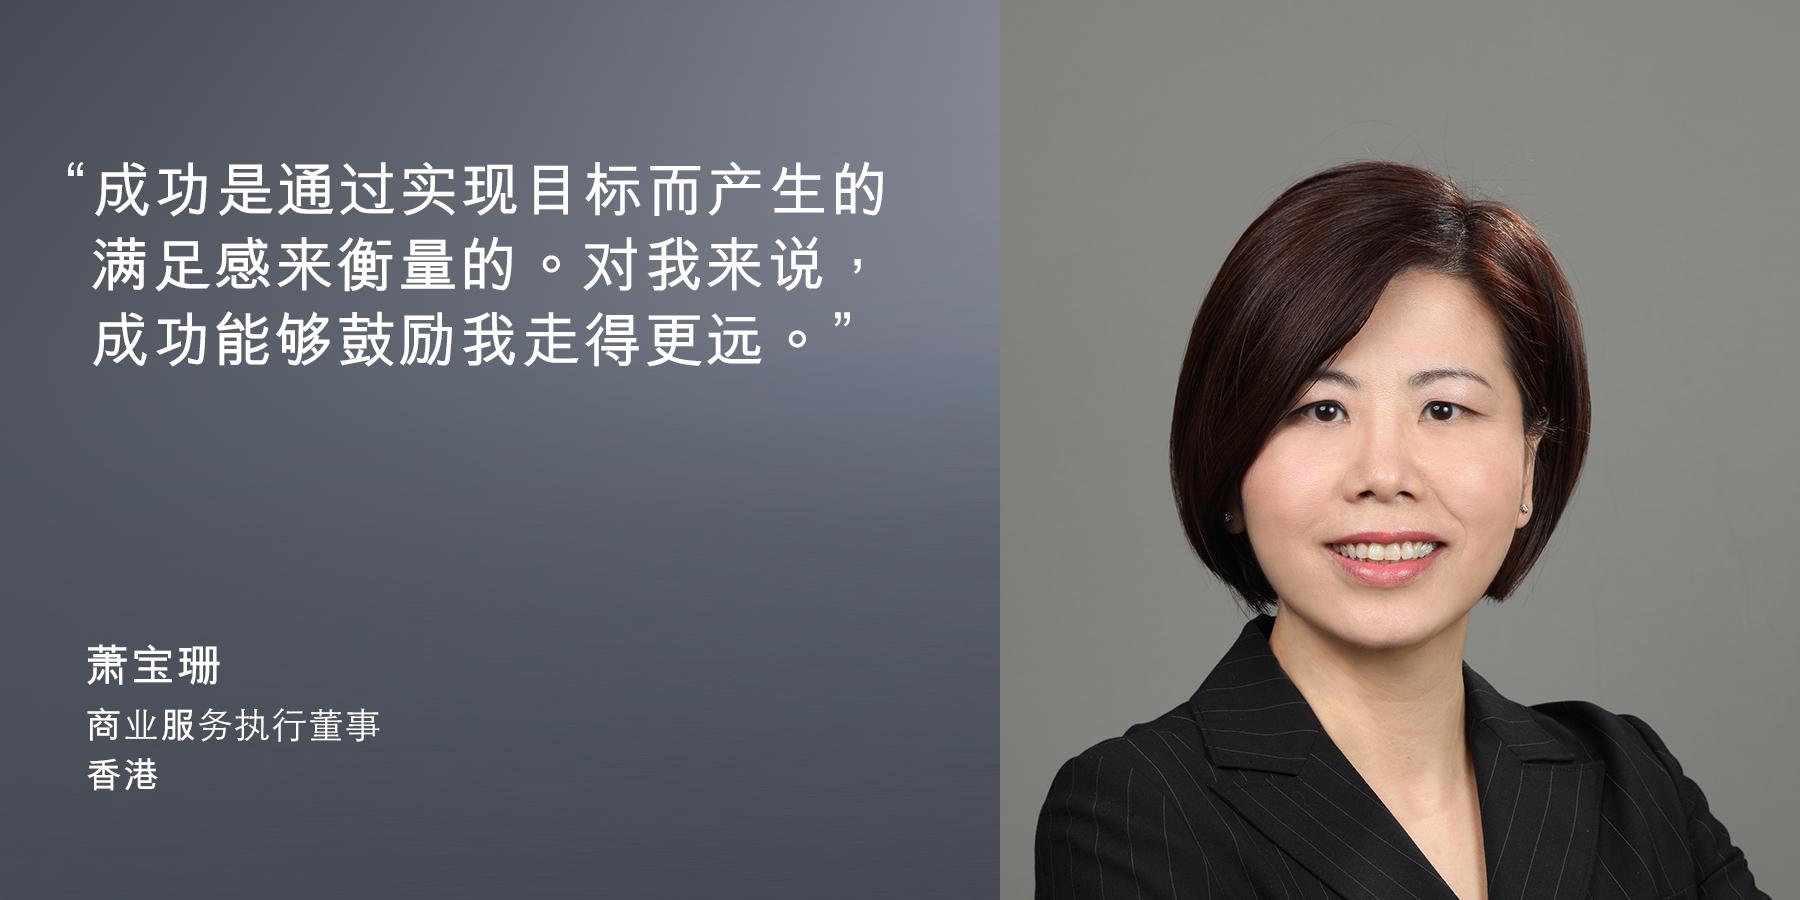 萧宝珊, 商业服务执行董事, 香港